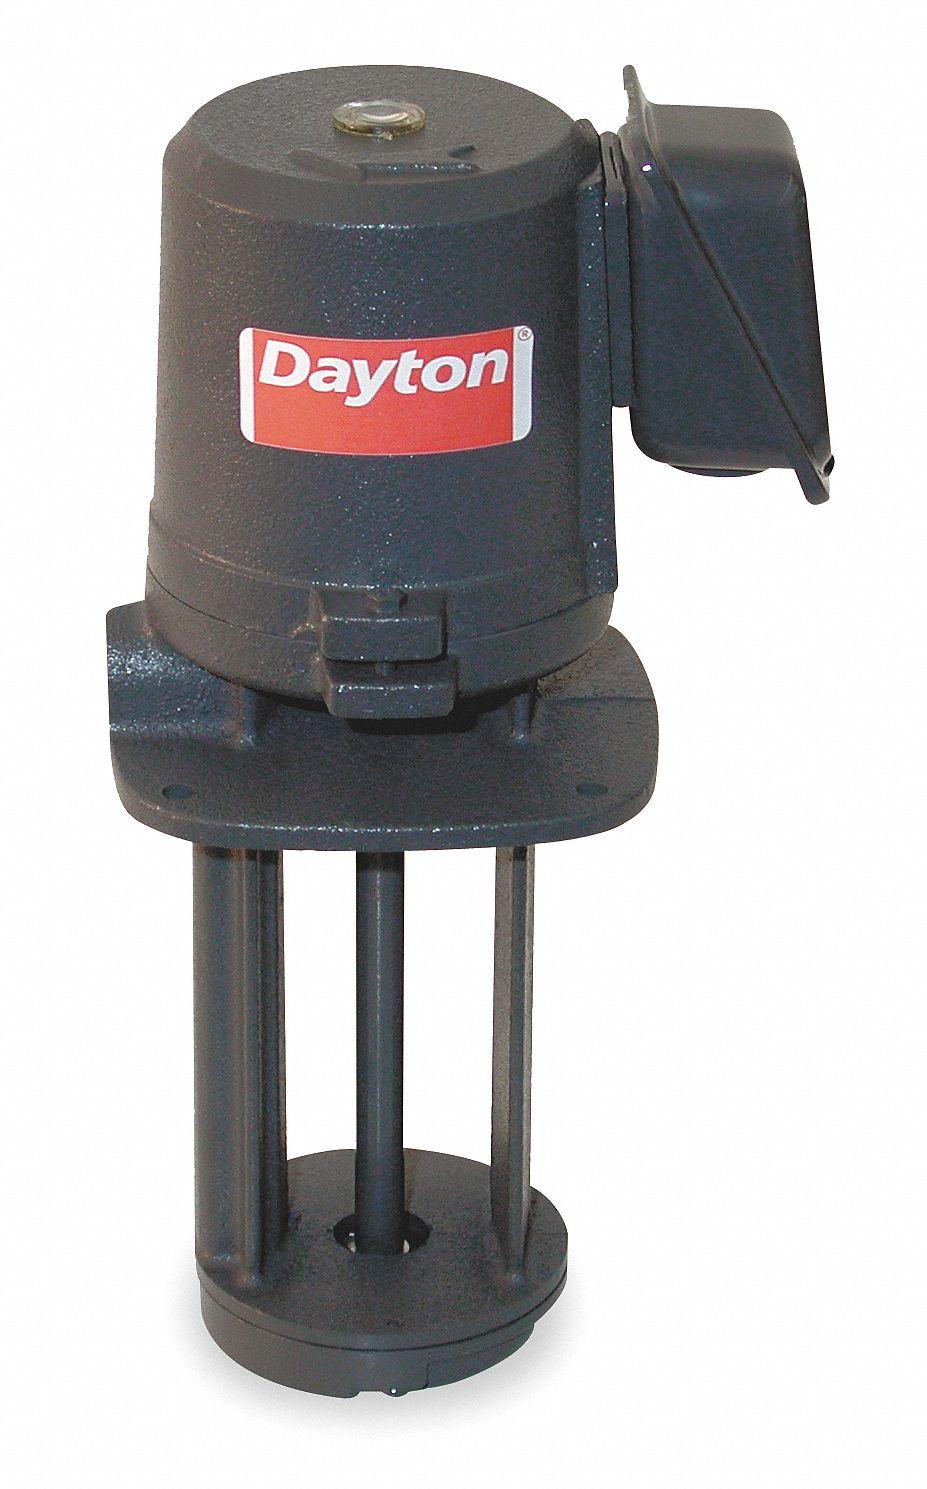 Dayton 1 8 Hp 115 230v Immersion Oil Coolant Pump 3grv5